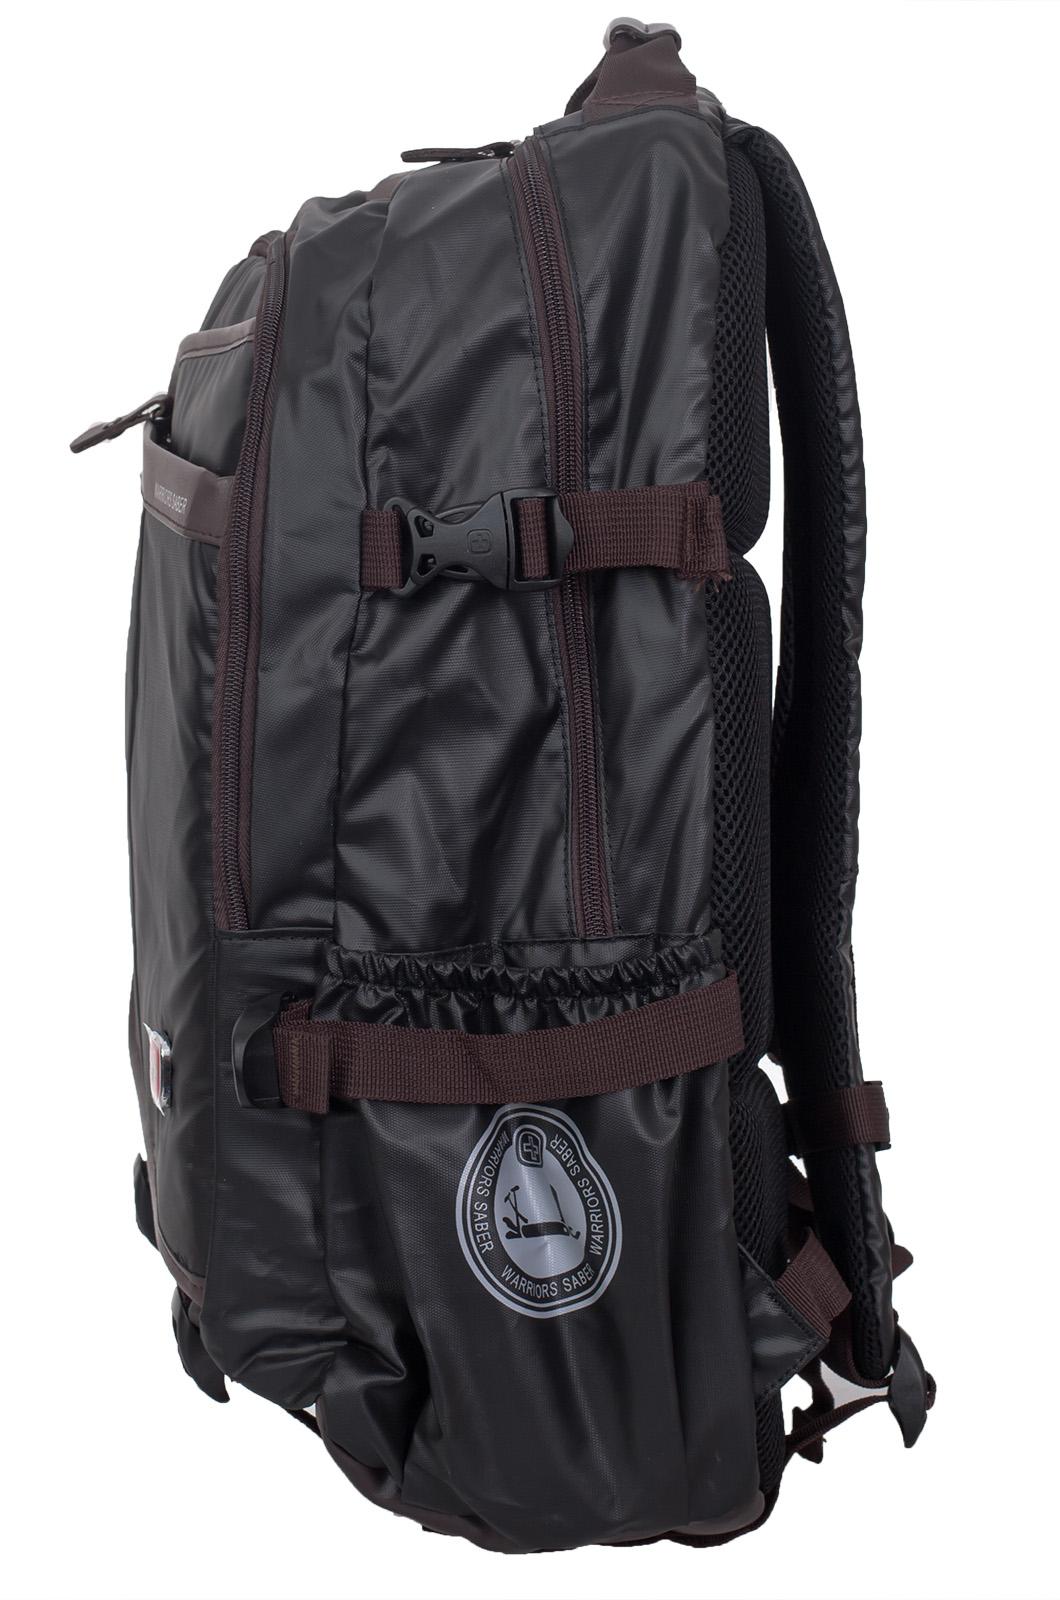 Городской рюкзак для мужчин Swissgear недорого с доставкой